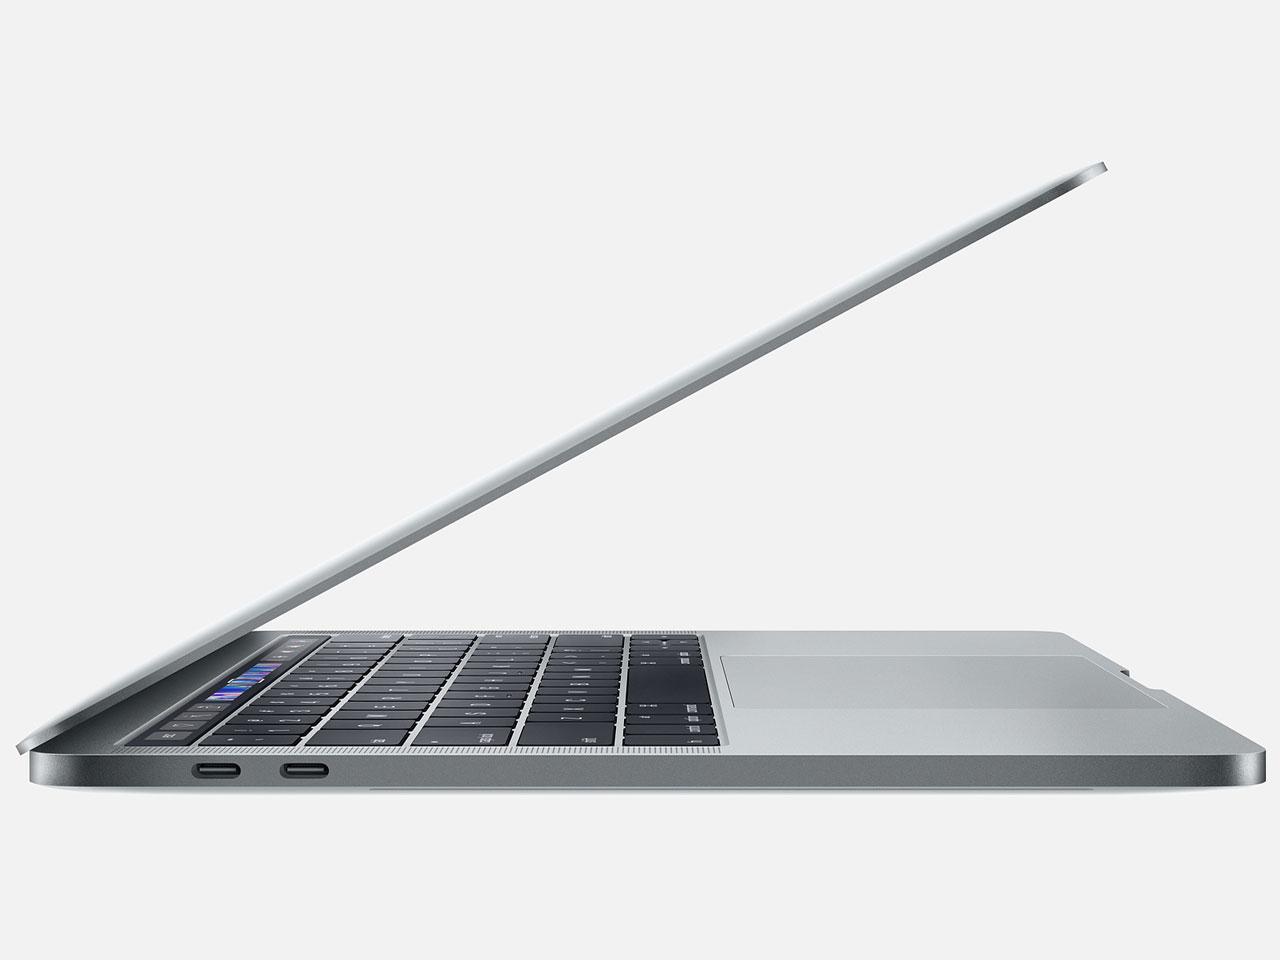 『本体 左側面2』 MacBook Pro Retinaディスプレイ 2300/13.3 MR9Q2J/A [スペースグレイ] の製品画像